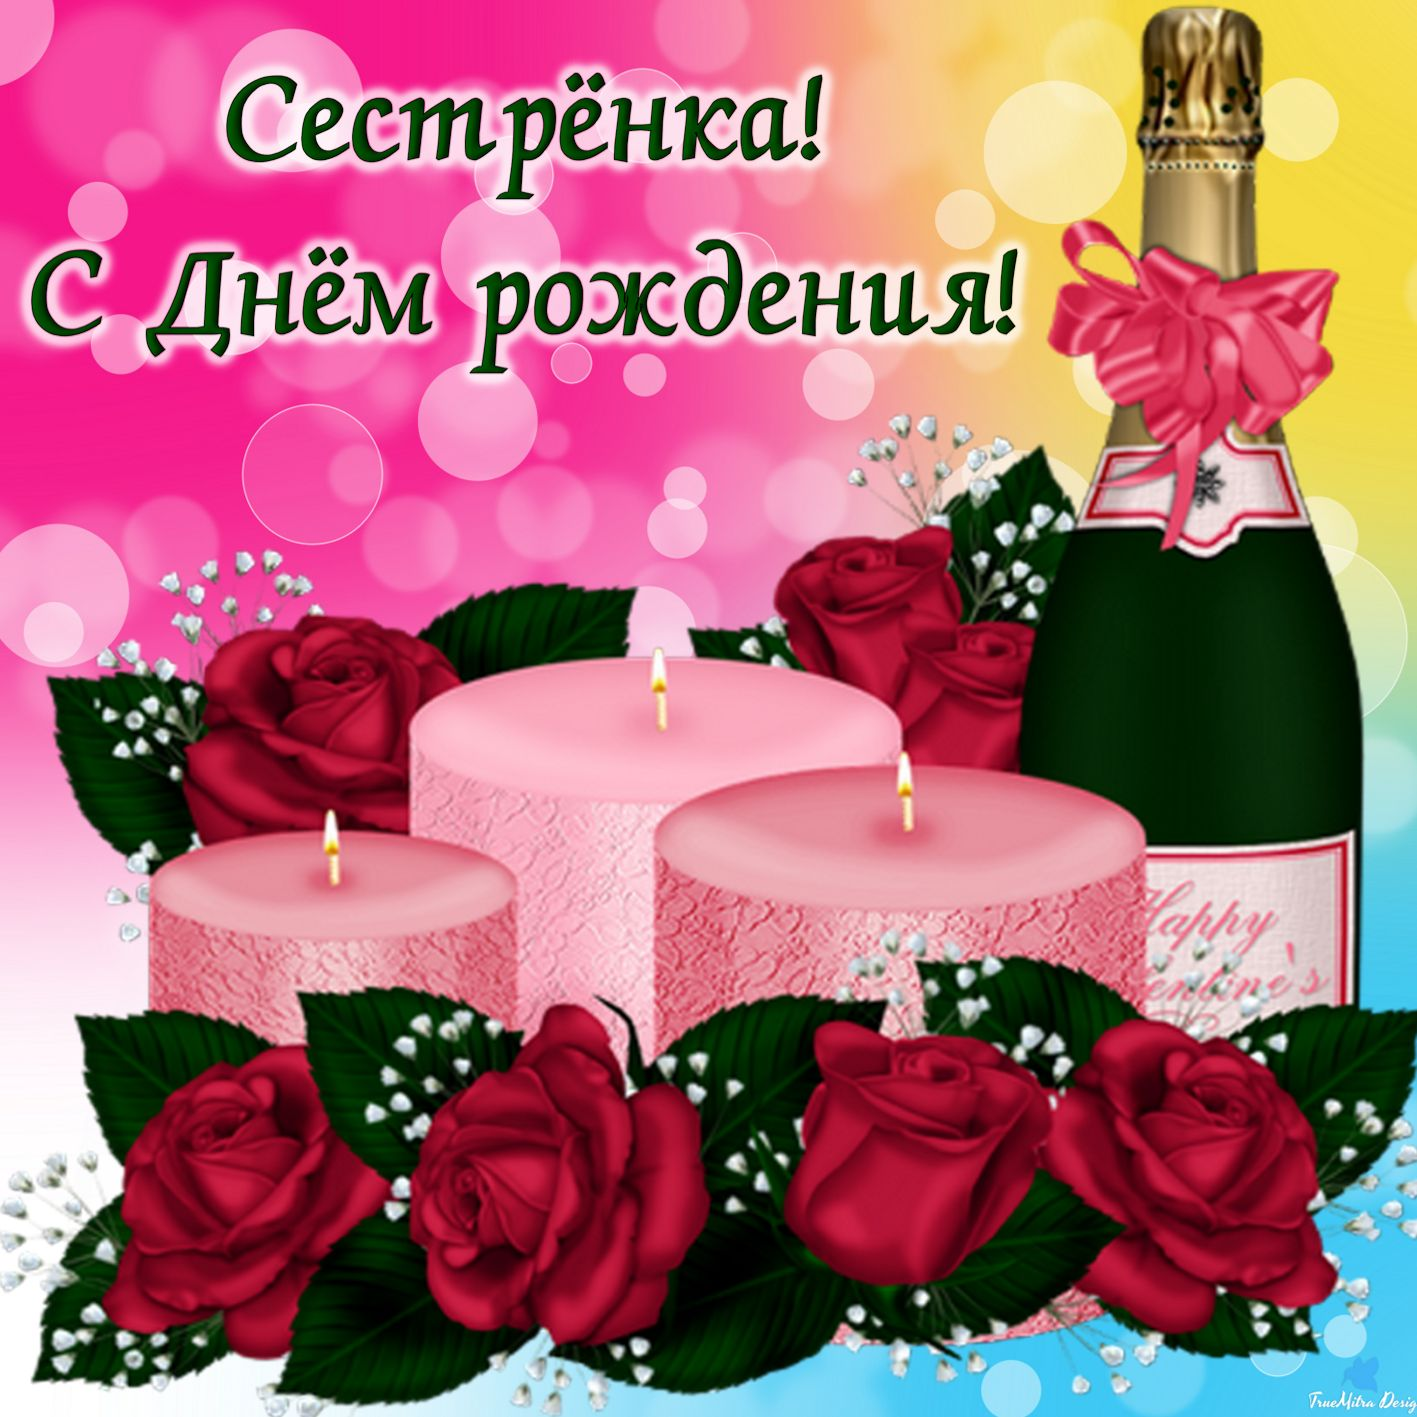 Шампанское и розы со свечами на сияющем фоне